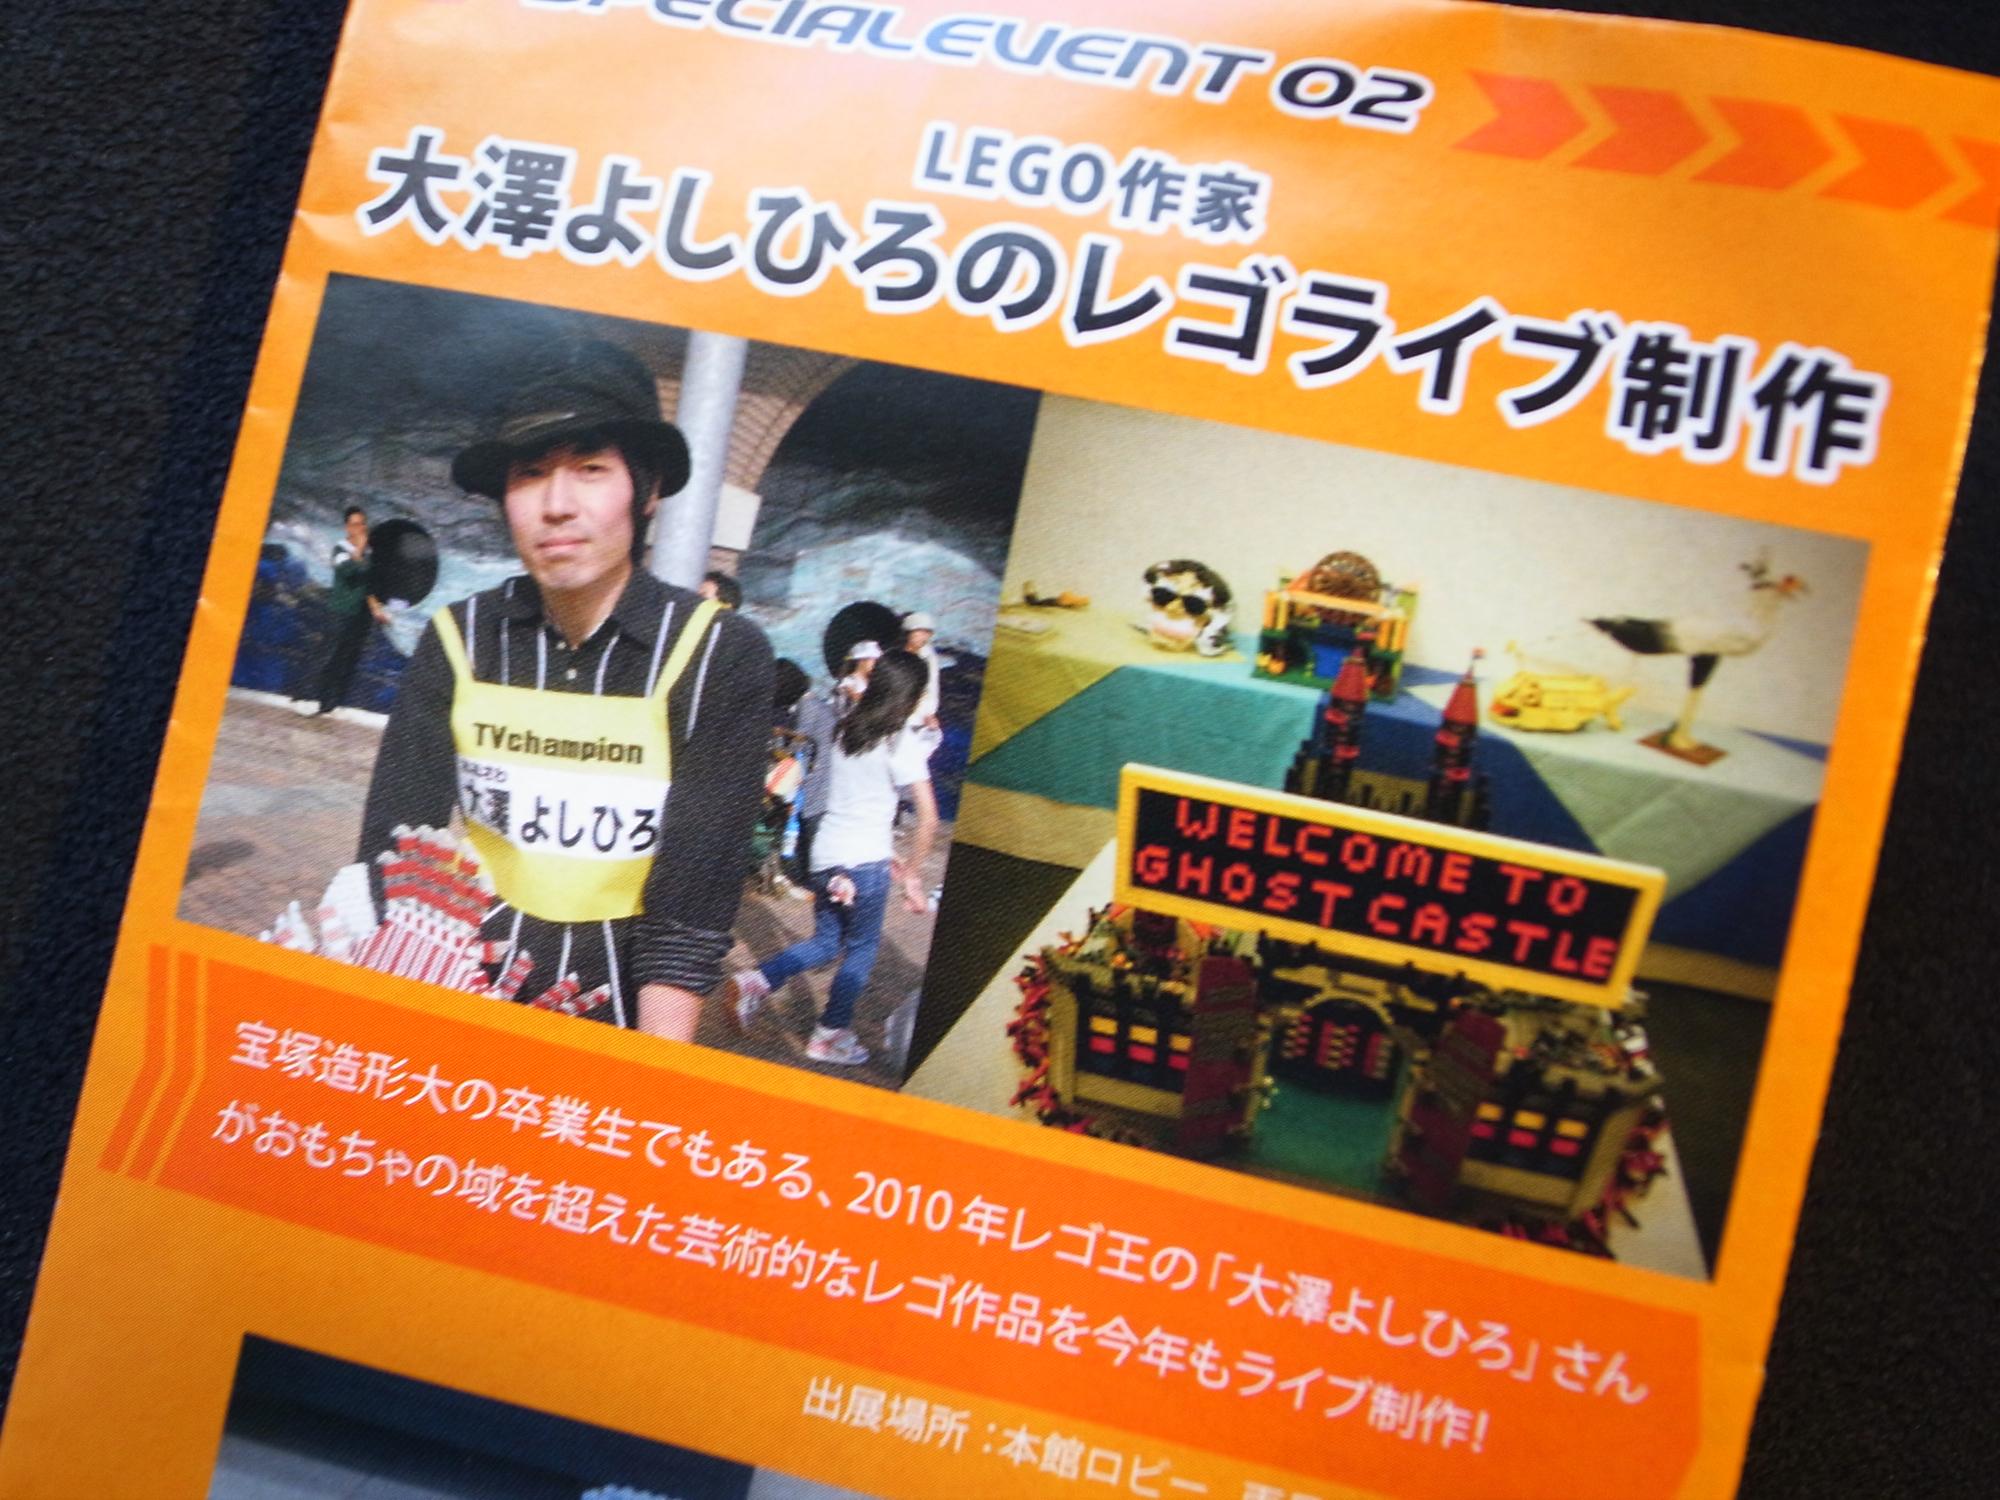 大澤さんレゴライブビルド